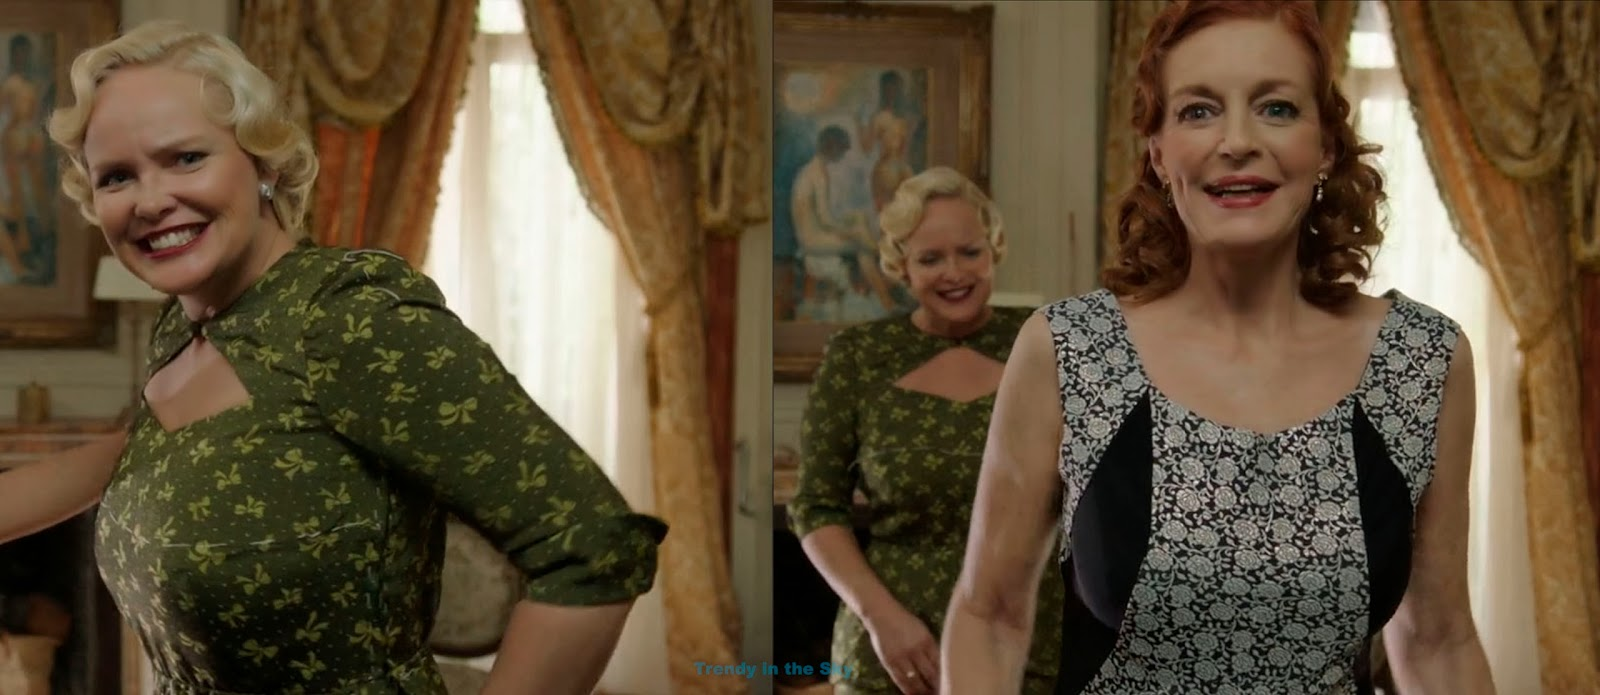 Frau Braun en su casa dándole el anticipo del vestido nuevo a Sira ...